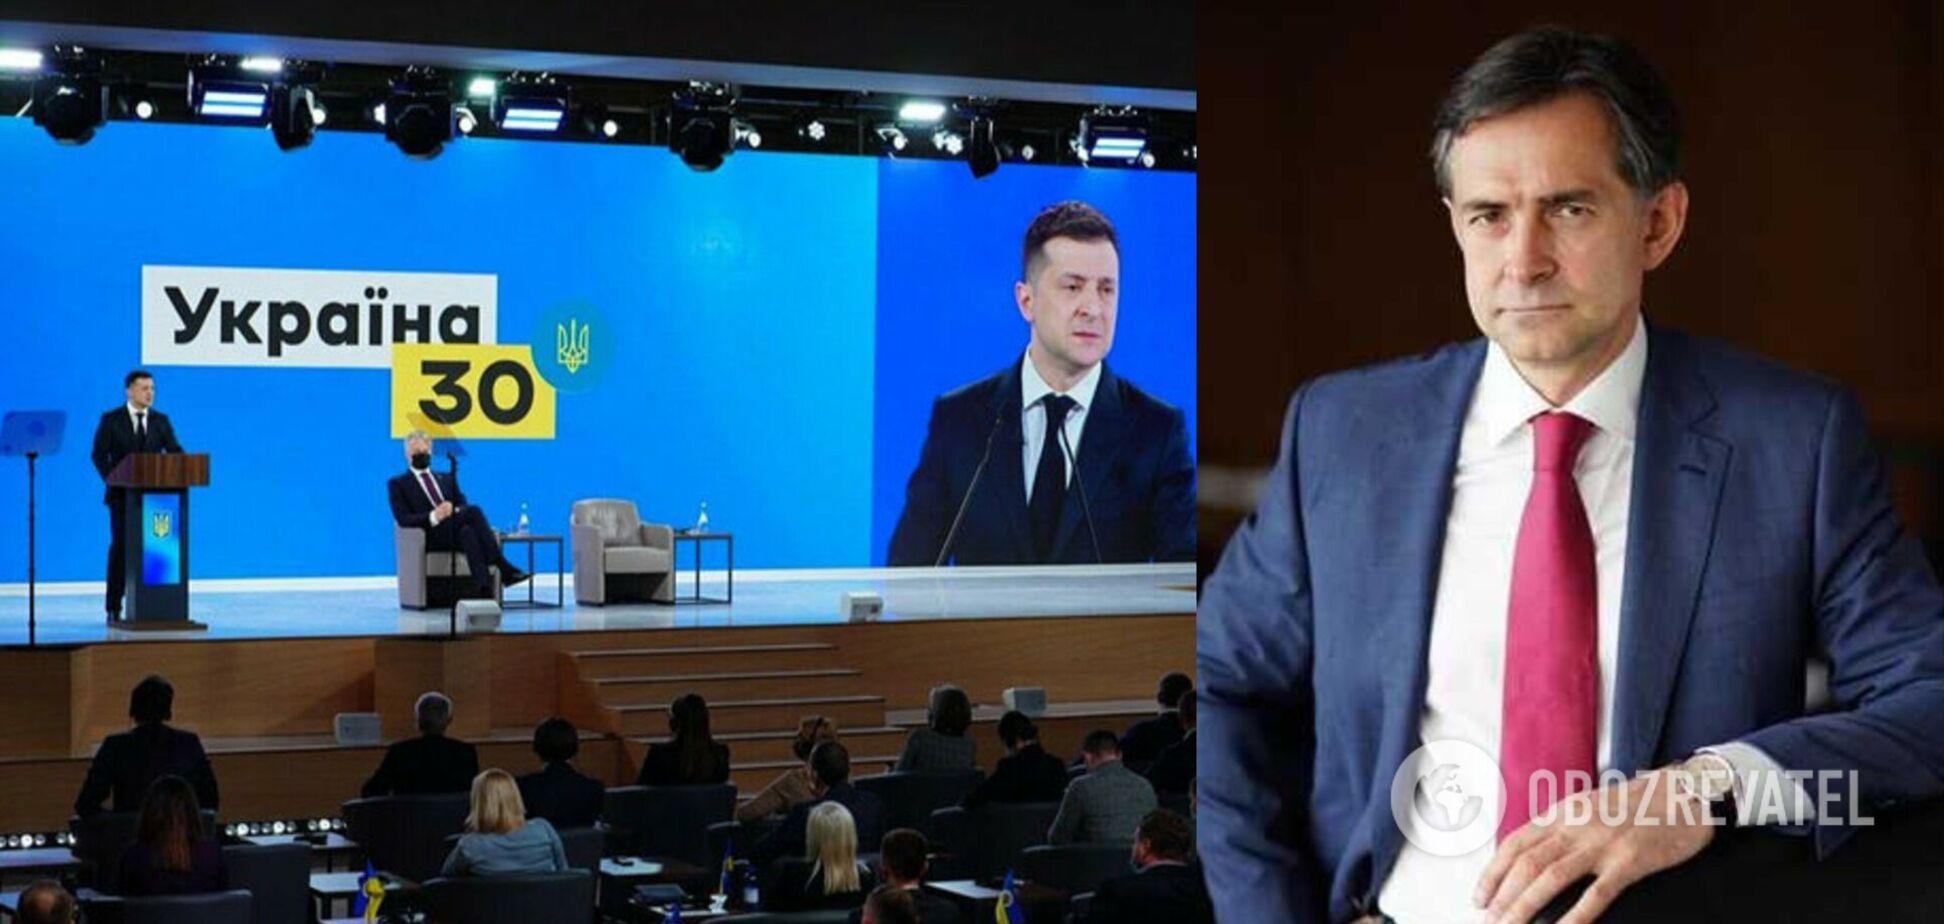 У Києві стартував форум 'Україна 30. Трудові ресурси': онлайн-трансляція